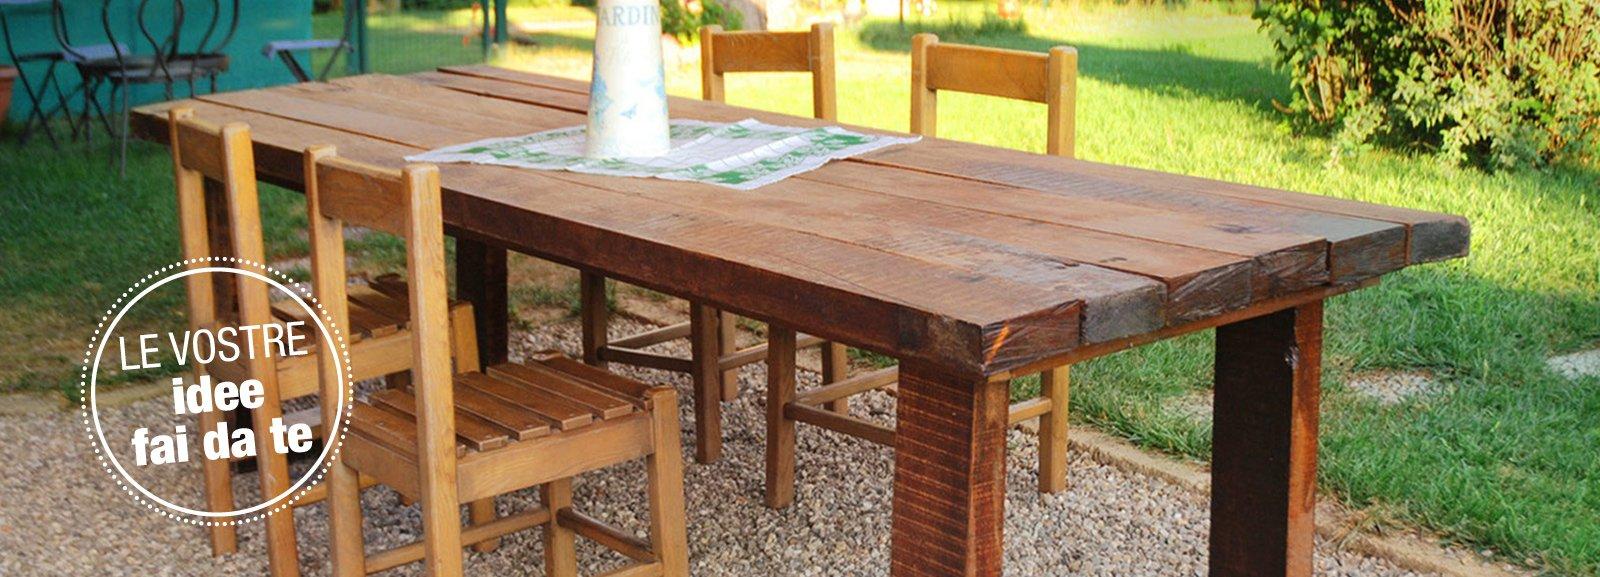 Legno Idee Fai Da Te un maxi tavolo in legno di recupero - cose di casa